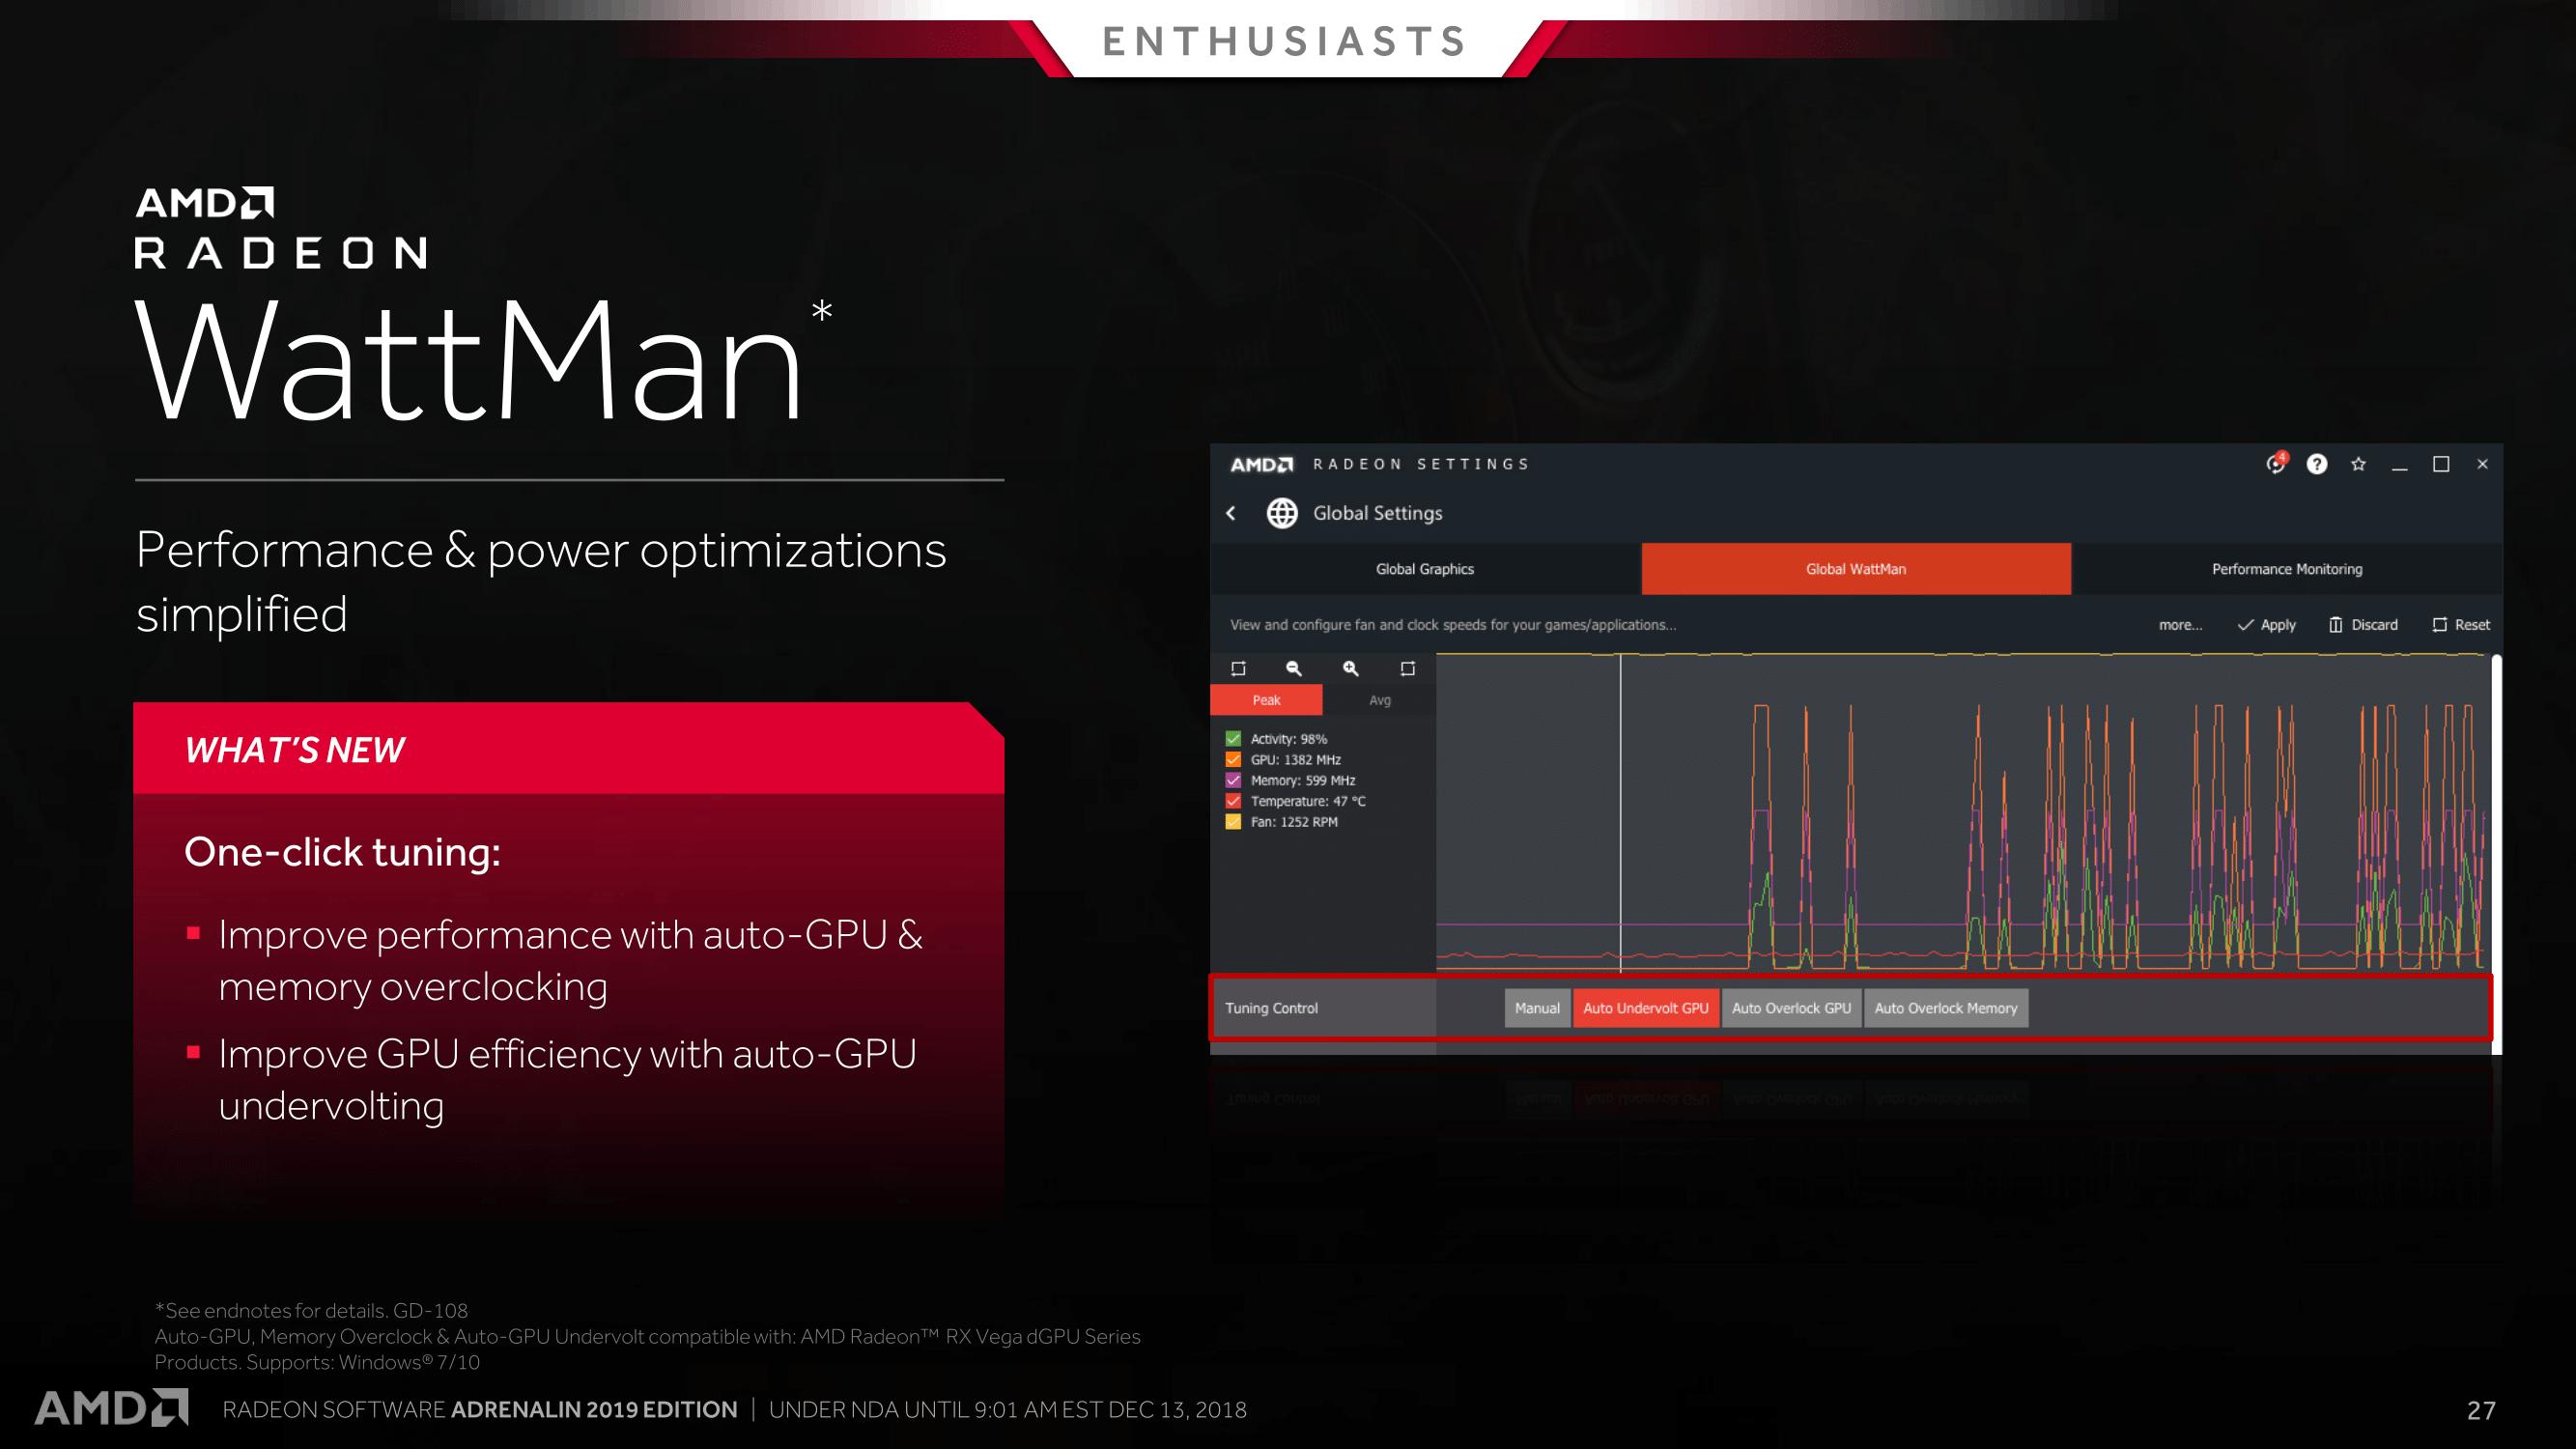 Radeon WattMan